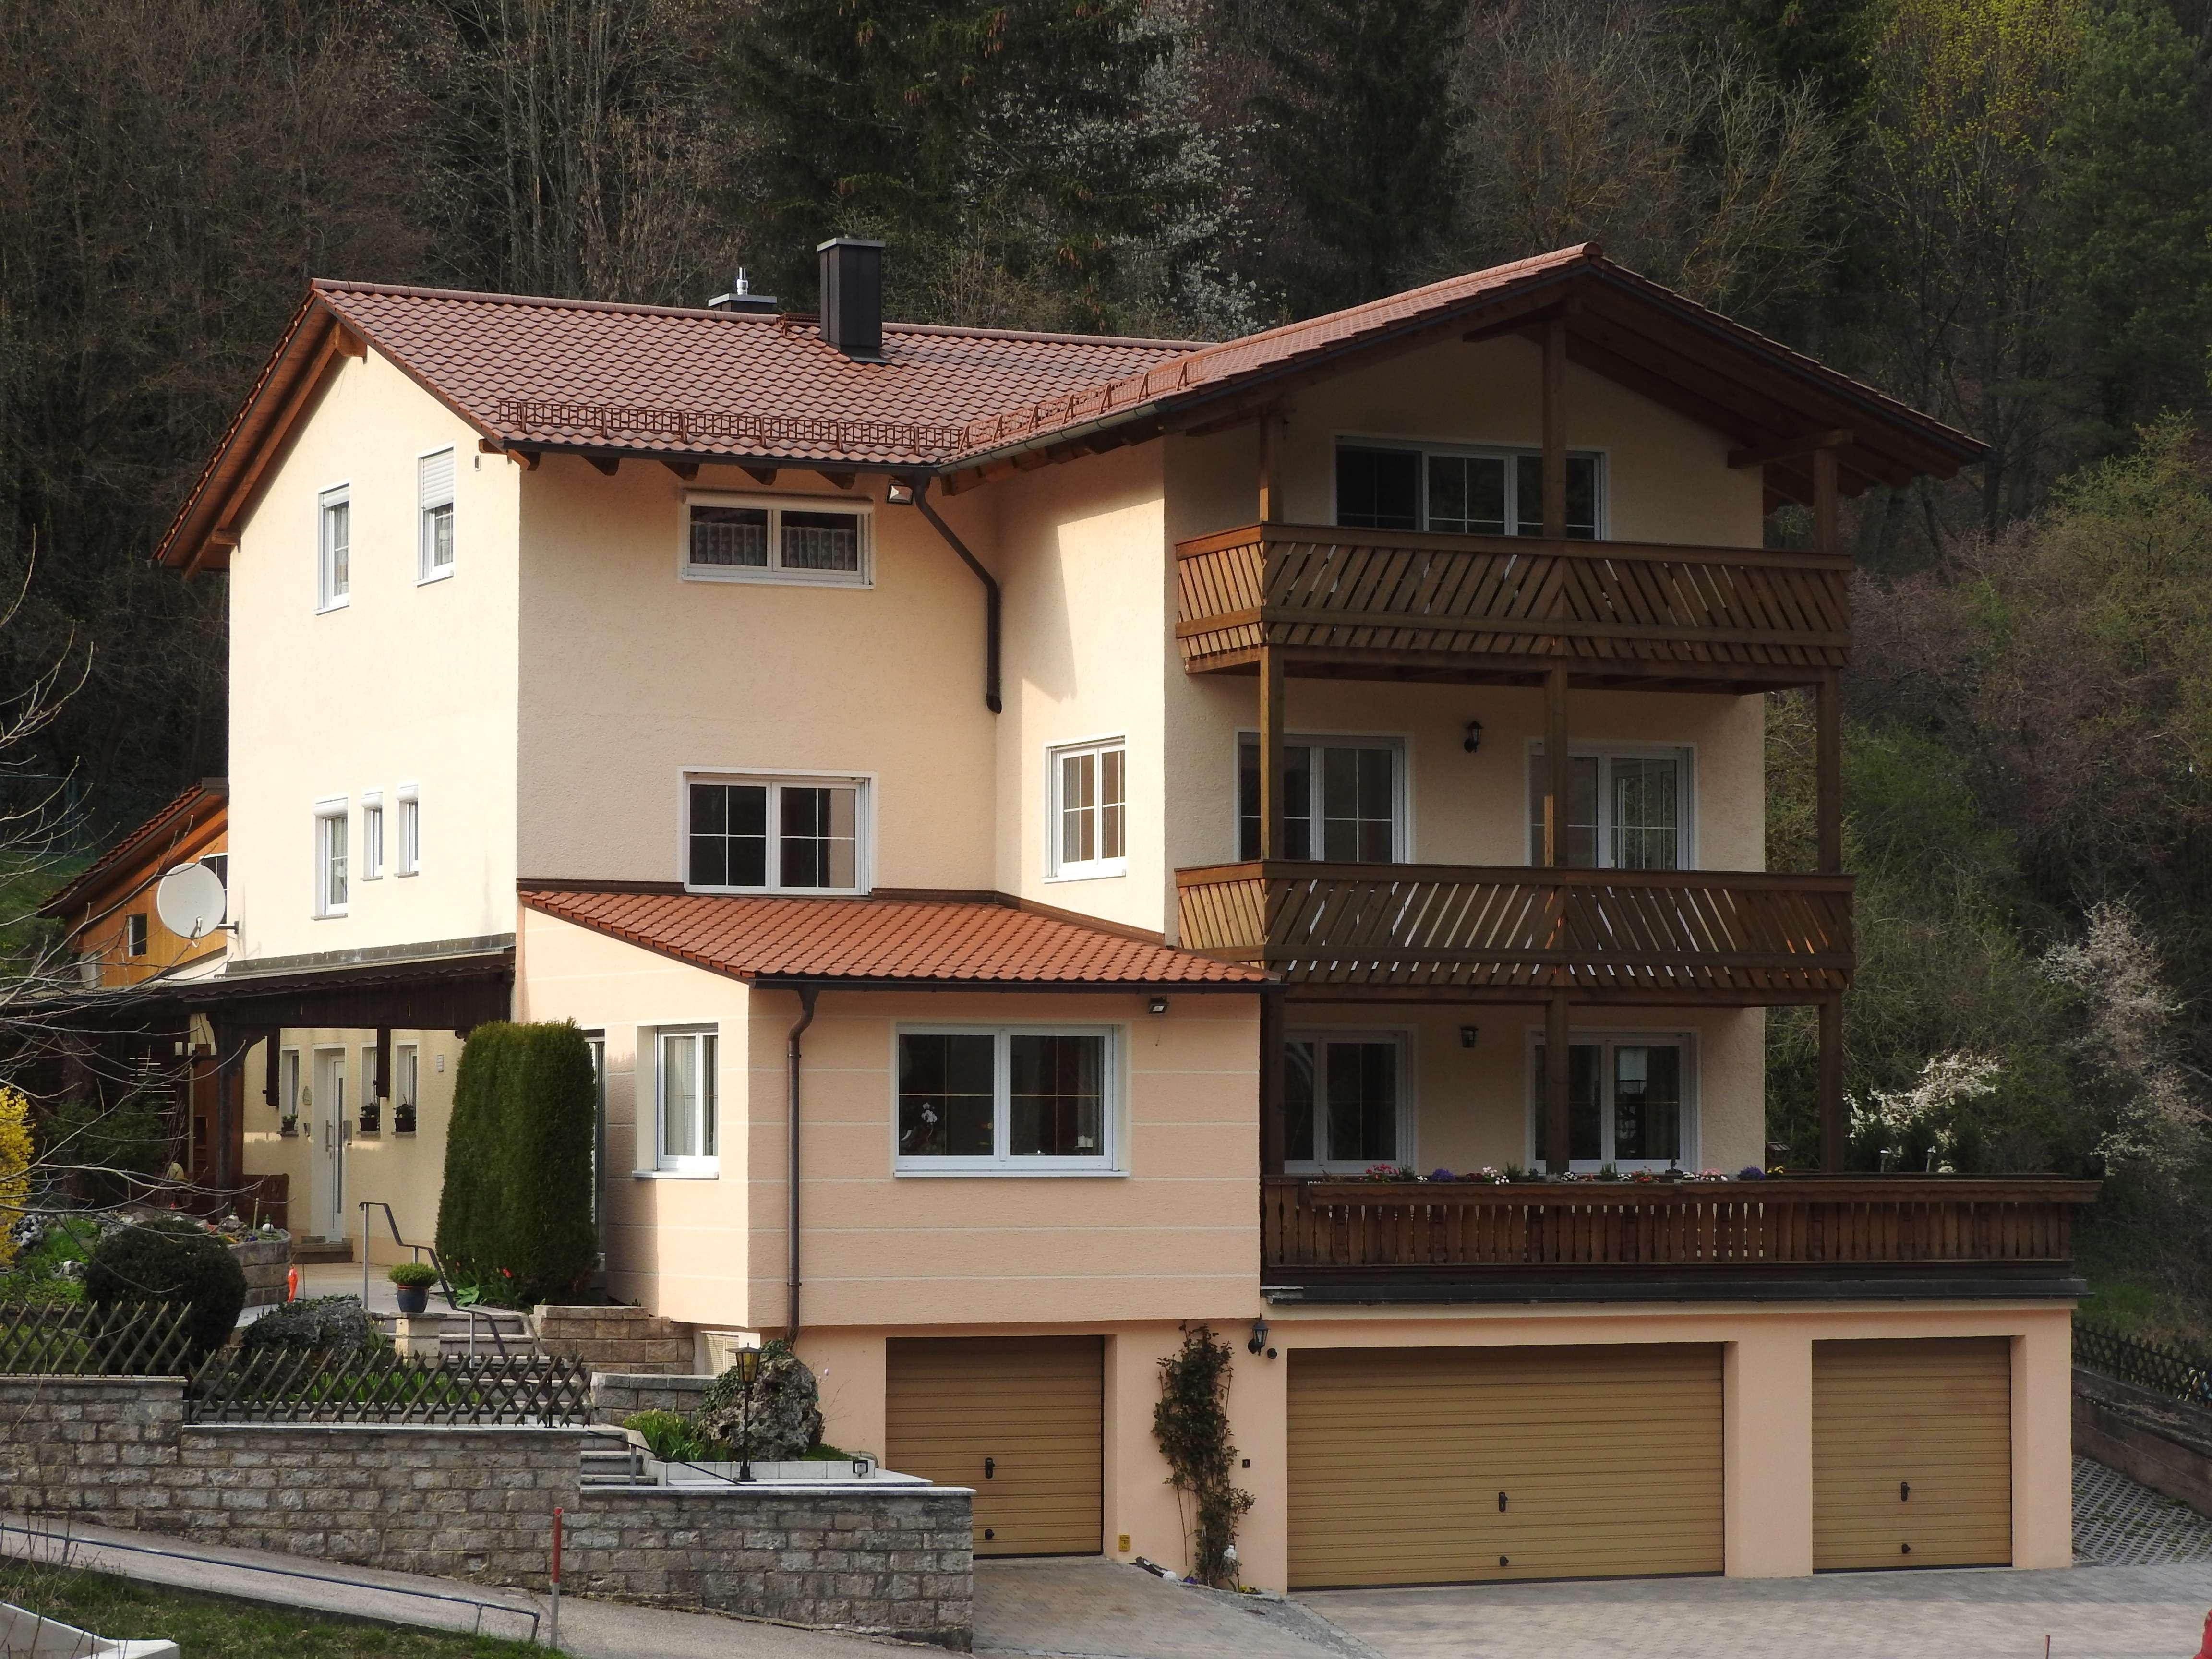 Attraktive 3-Zimmer-Wohnung mit Balkon und EBK in Riedenburg in